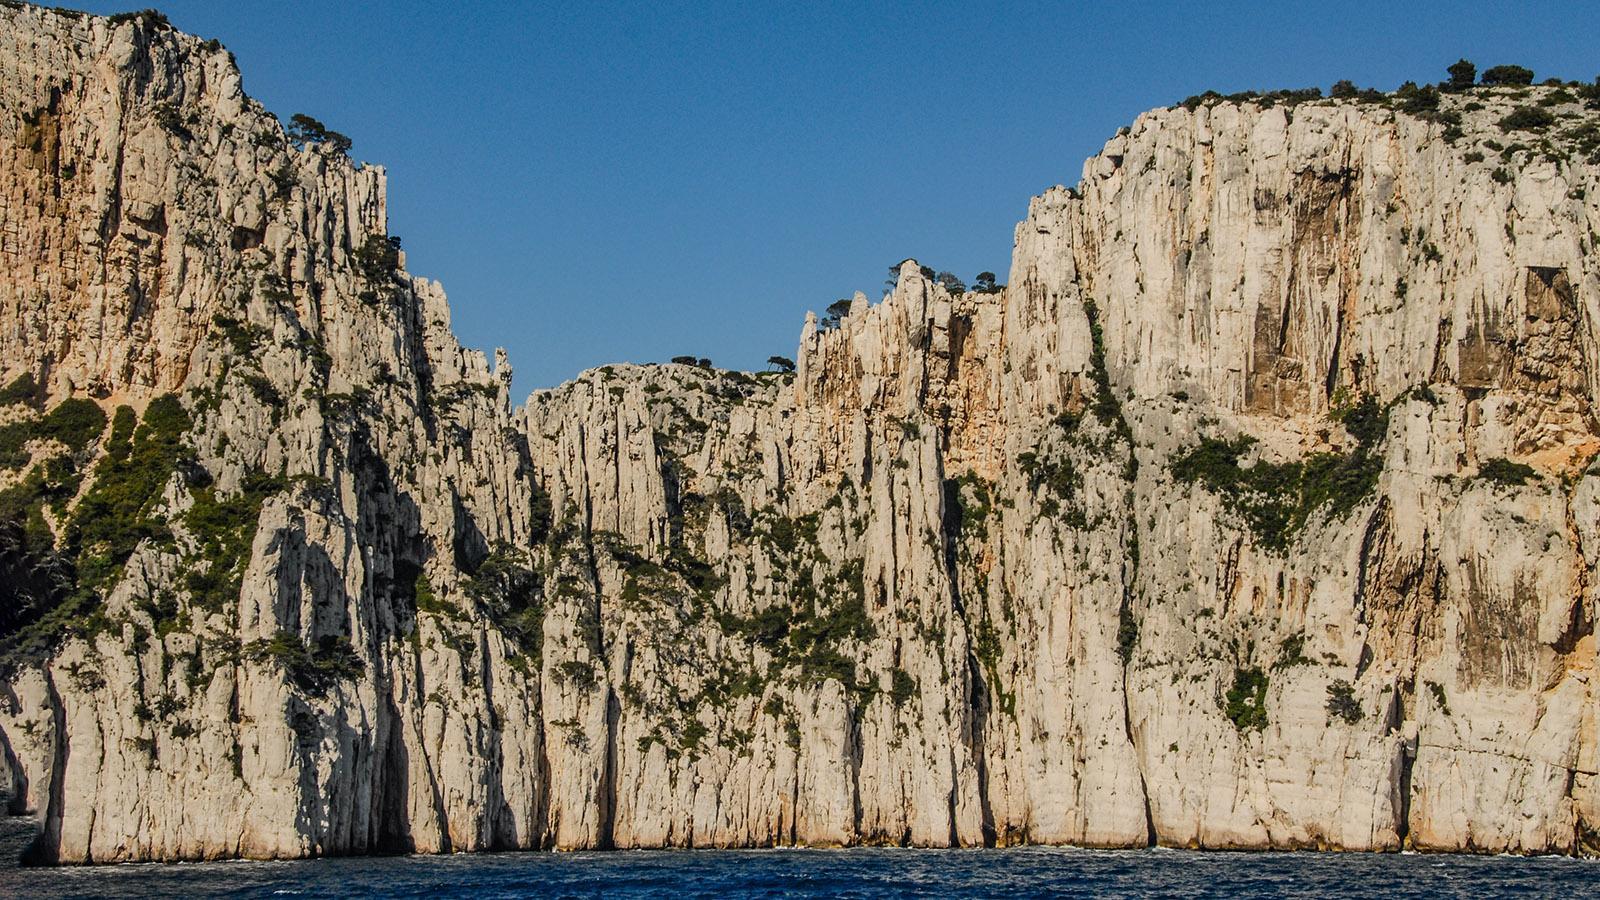 """Die Calanques von Cassis sind ungeheuer vielfältig- Bei den """"Orgelpfeifen"""" ragen die Felsen senkrecht in den Himmel. Foto: Hilke Maunder"""